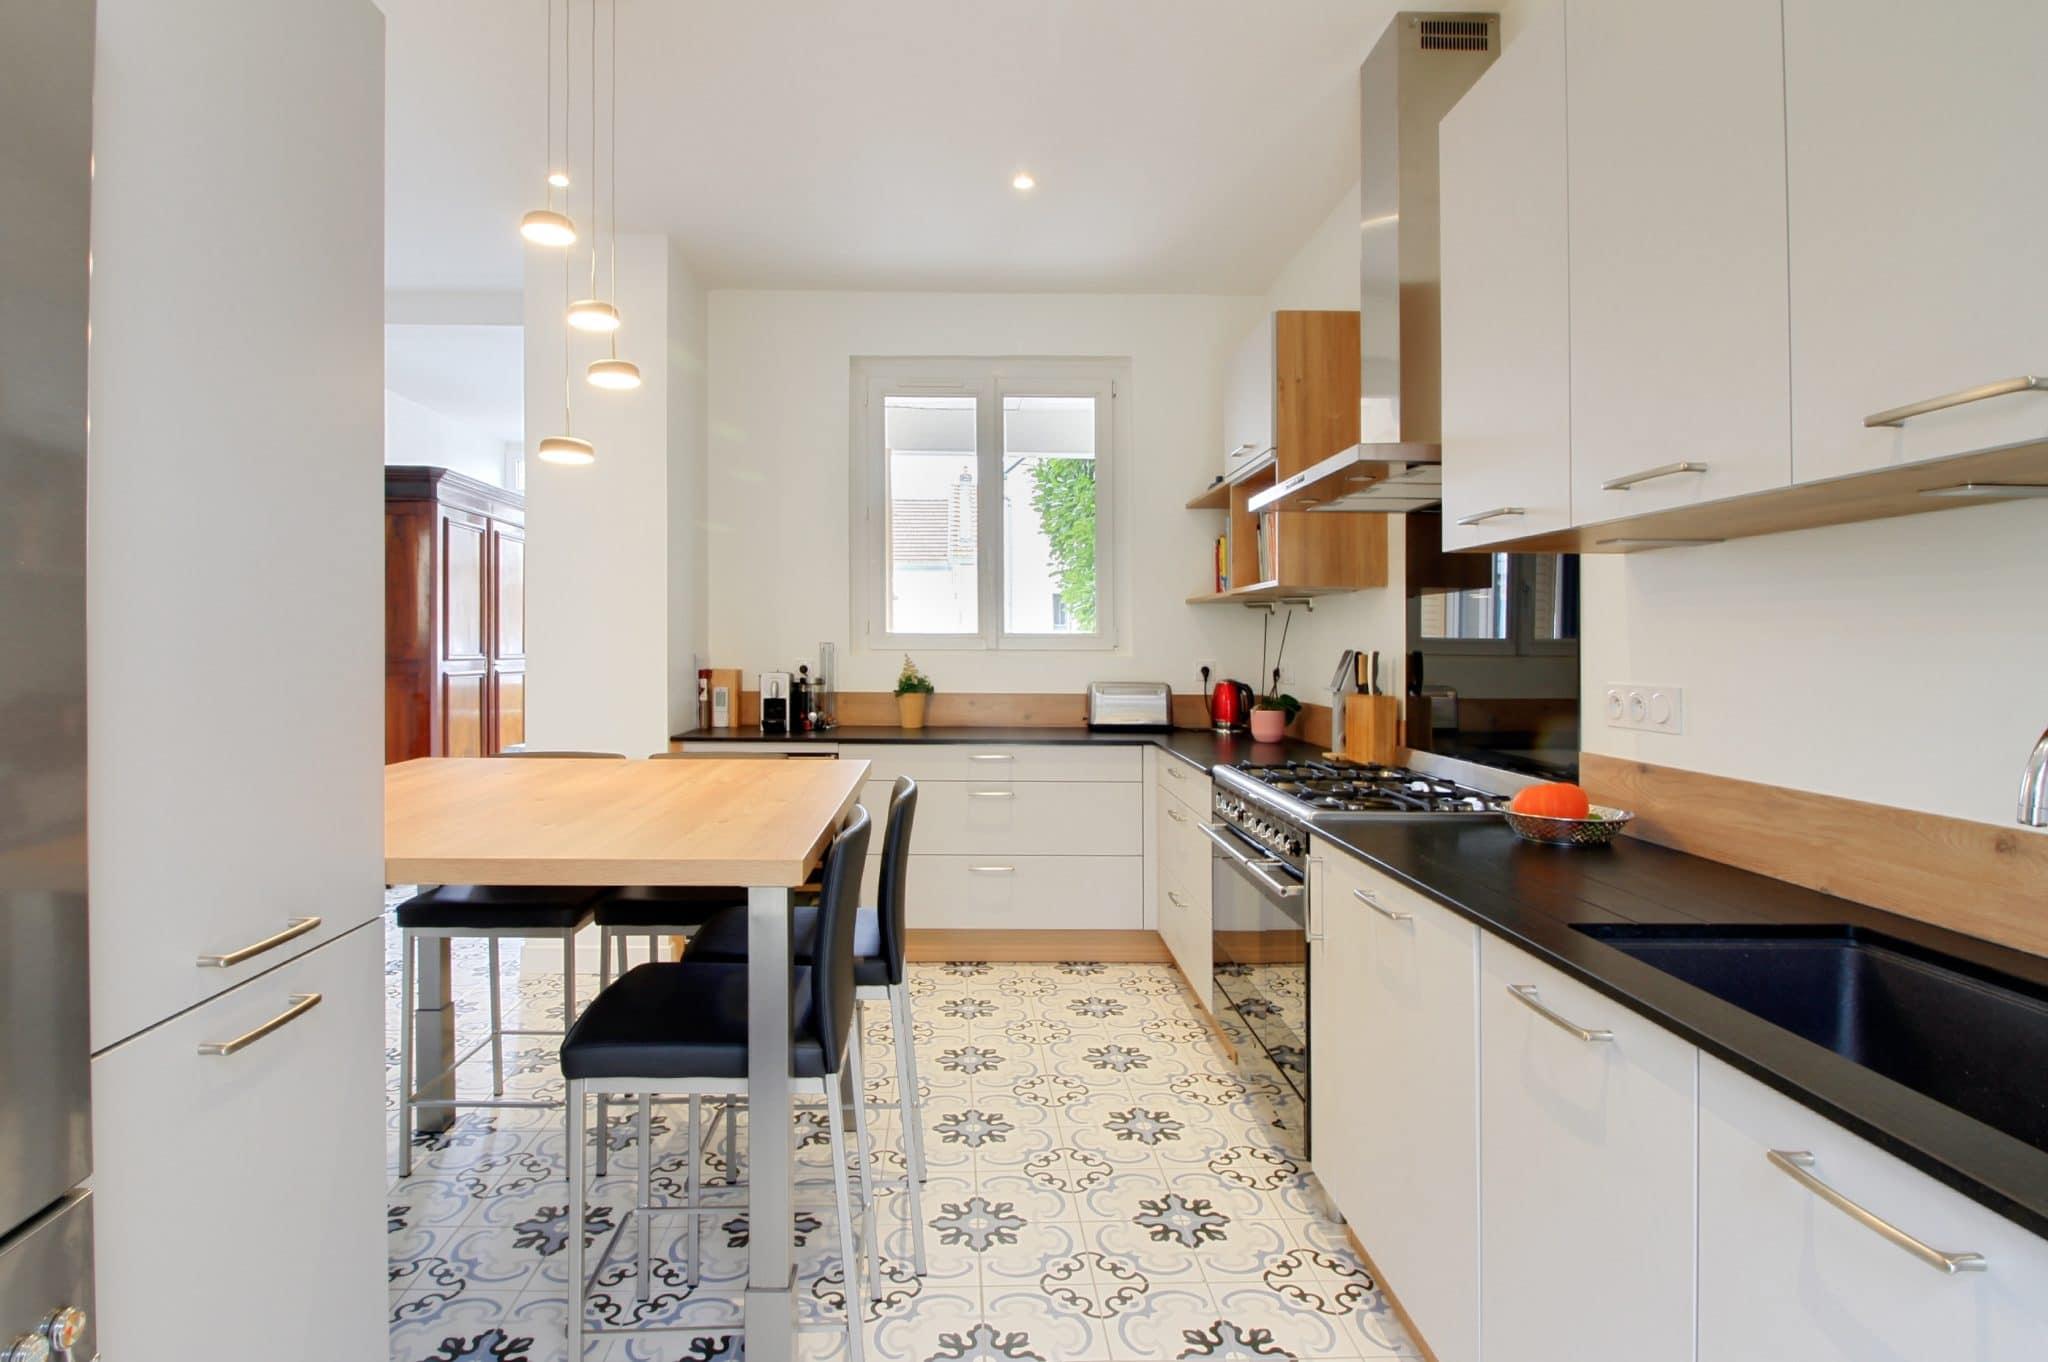 Rénovation totale et surélévation de maison à Dijon (21)